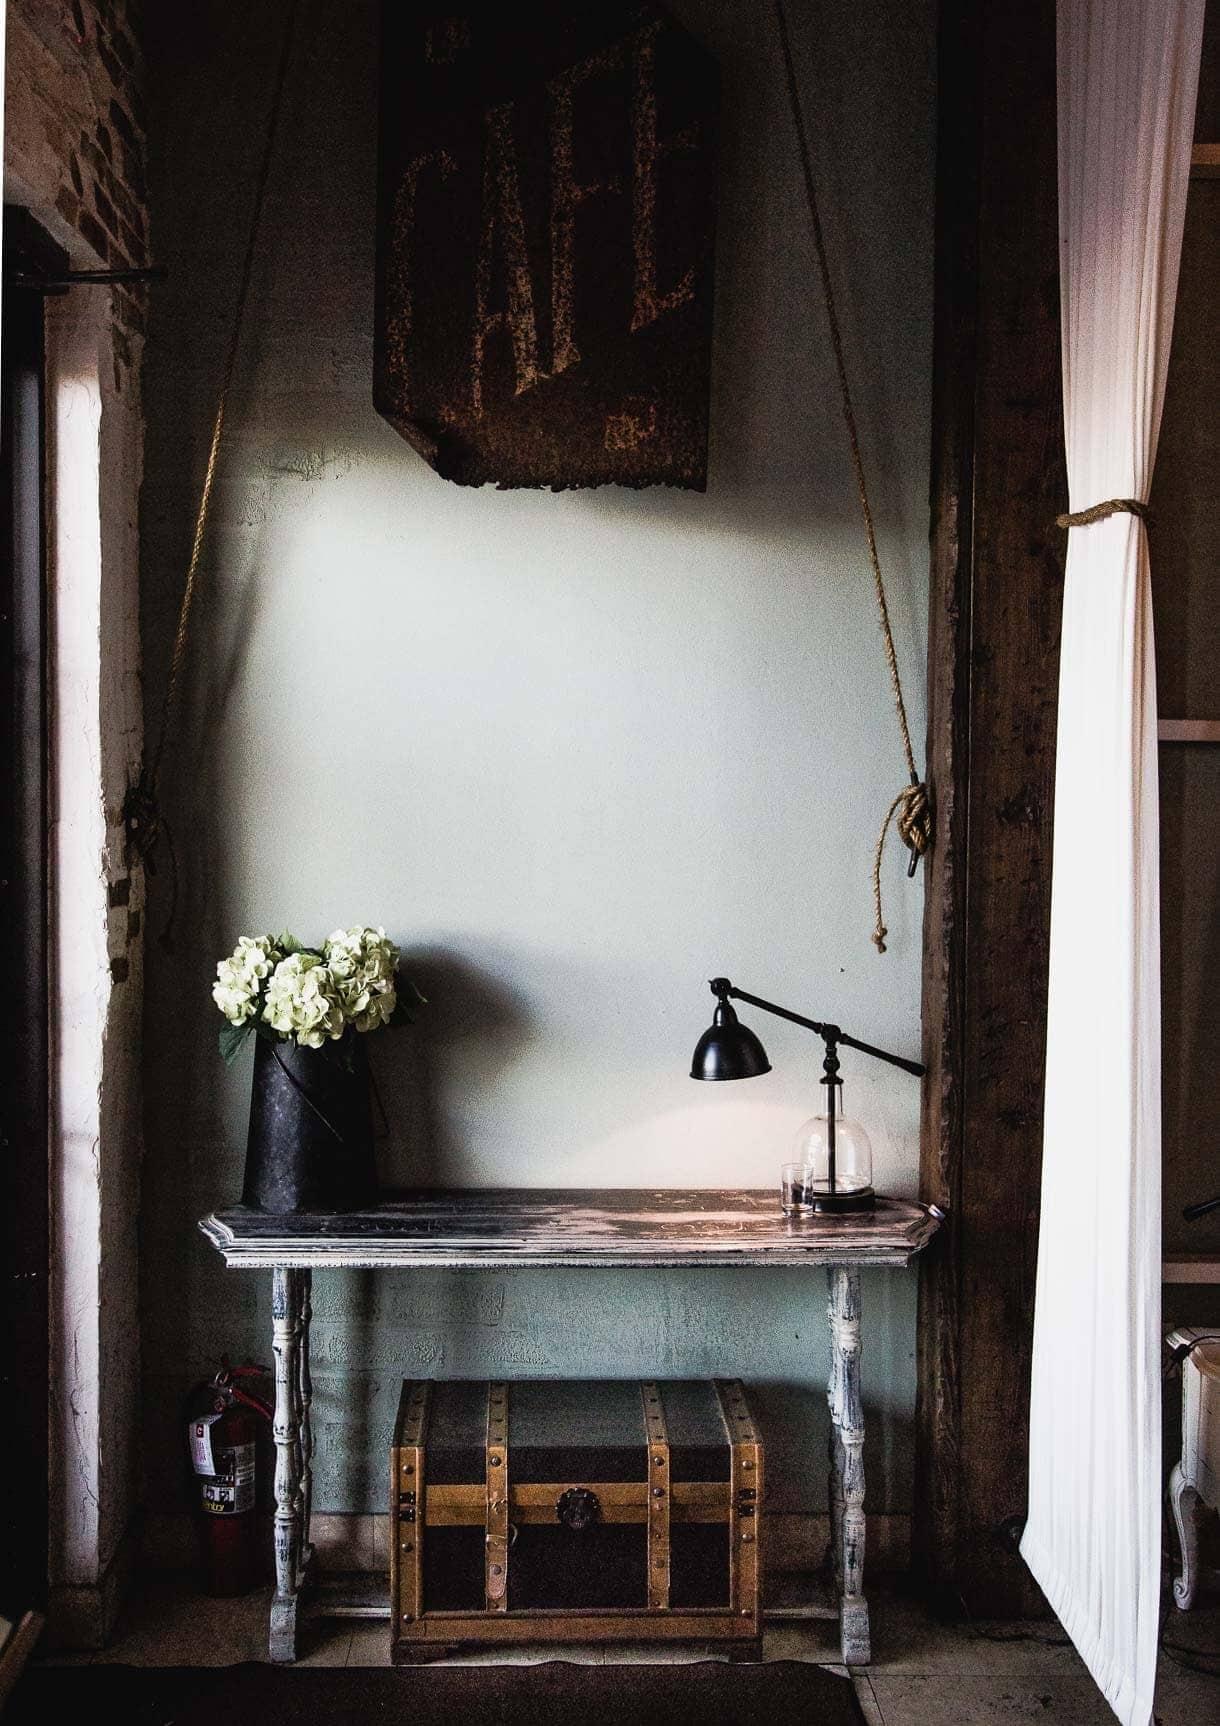 vintage desk lamp and scene